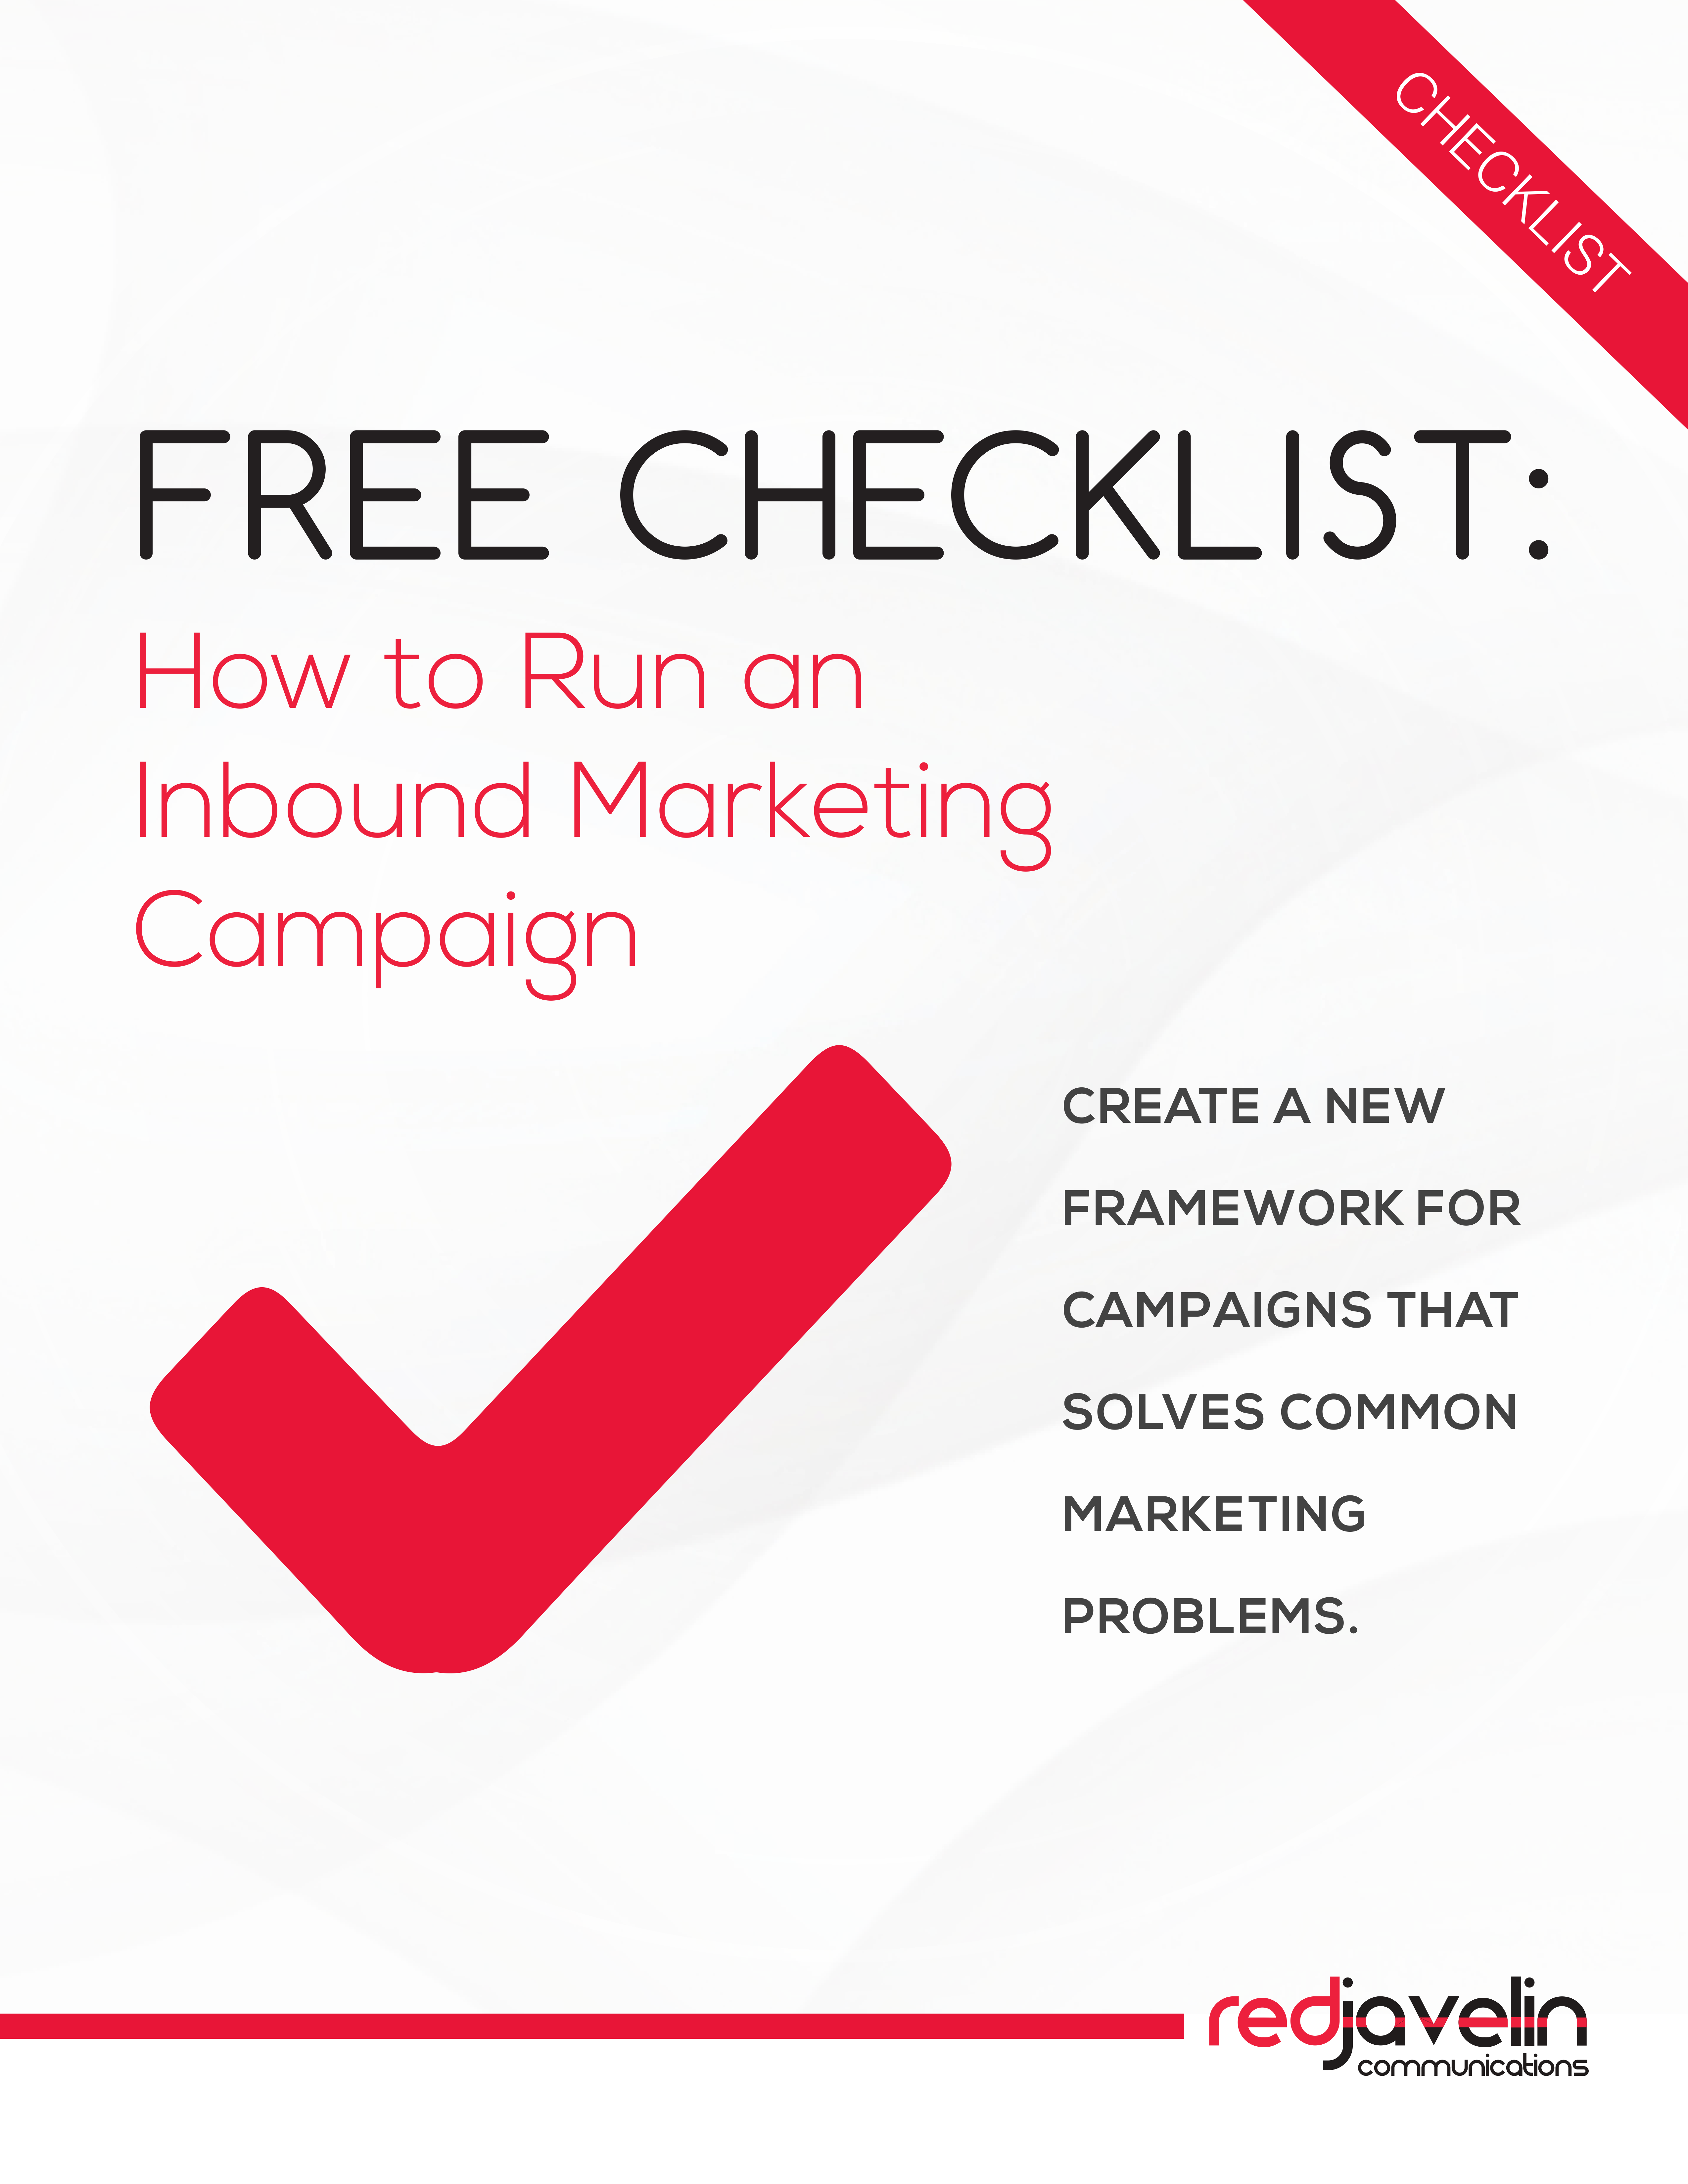 RLC_Inbound_Marketing_Campaign_Checklist_001.png